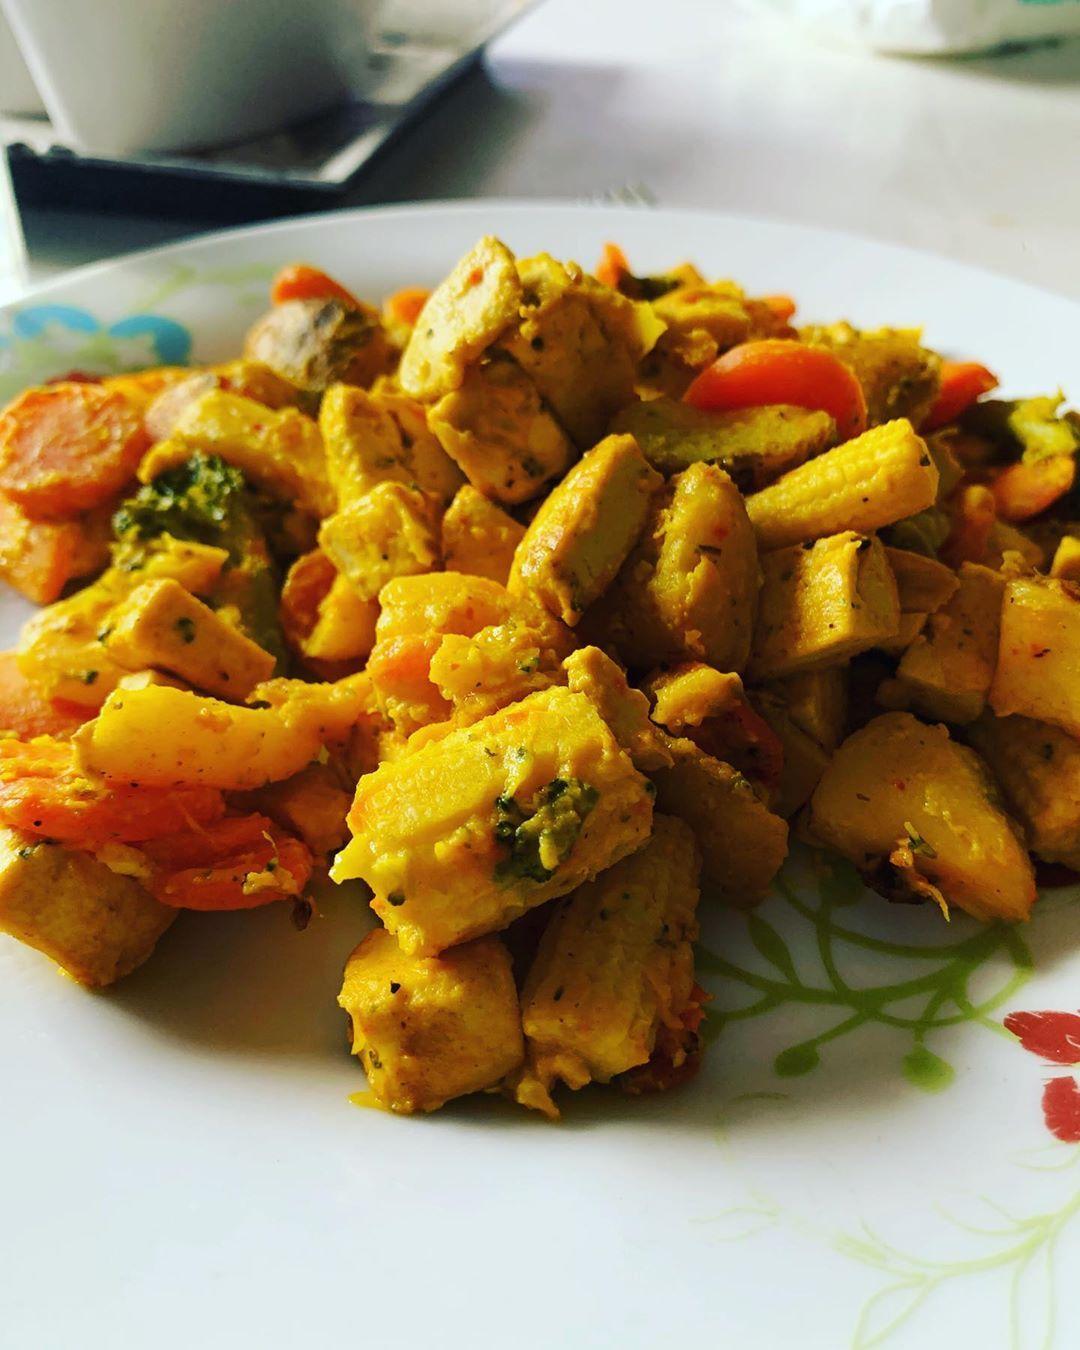 Godaste lunchen med saffran o tofu! Absolut en ny favorit hos mig 😋 sen blir det em träning o spinni...